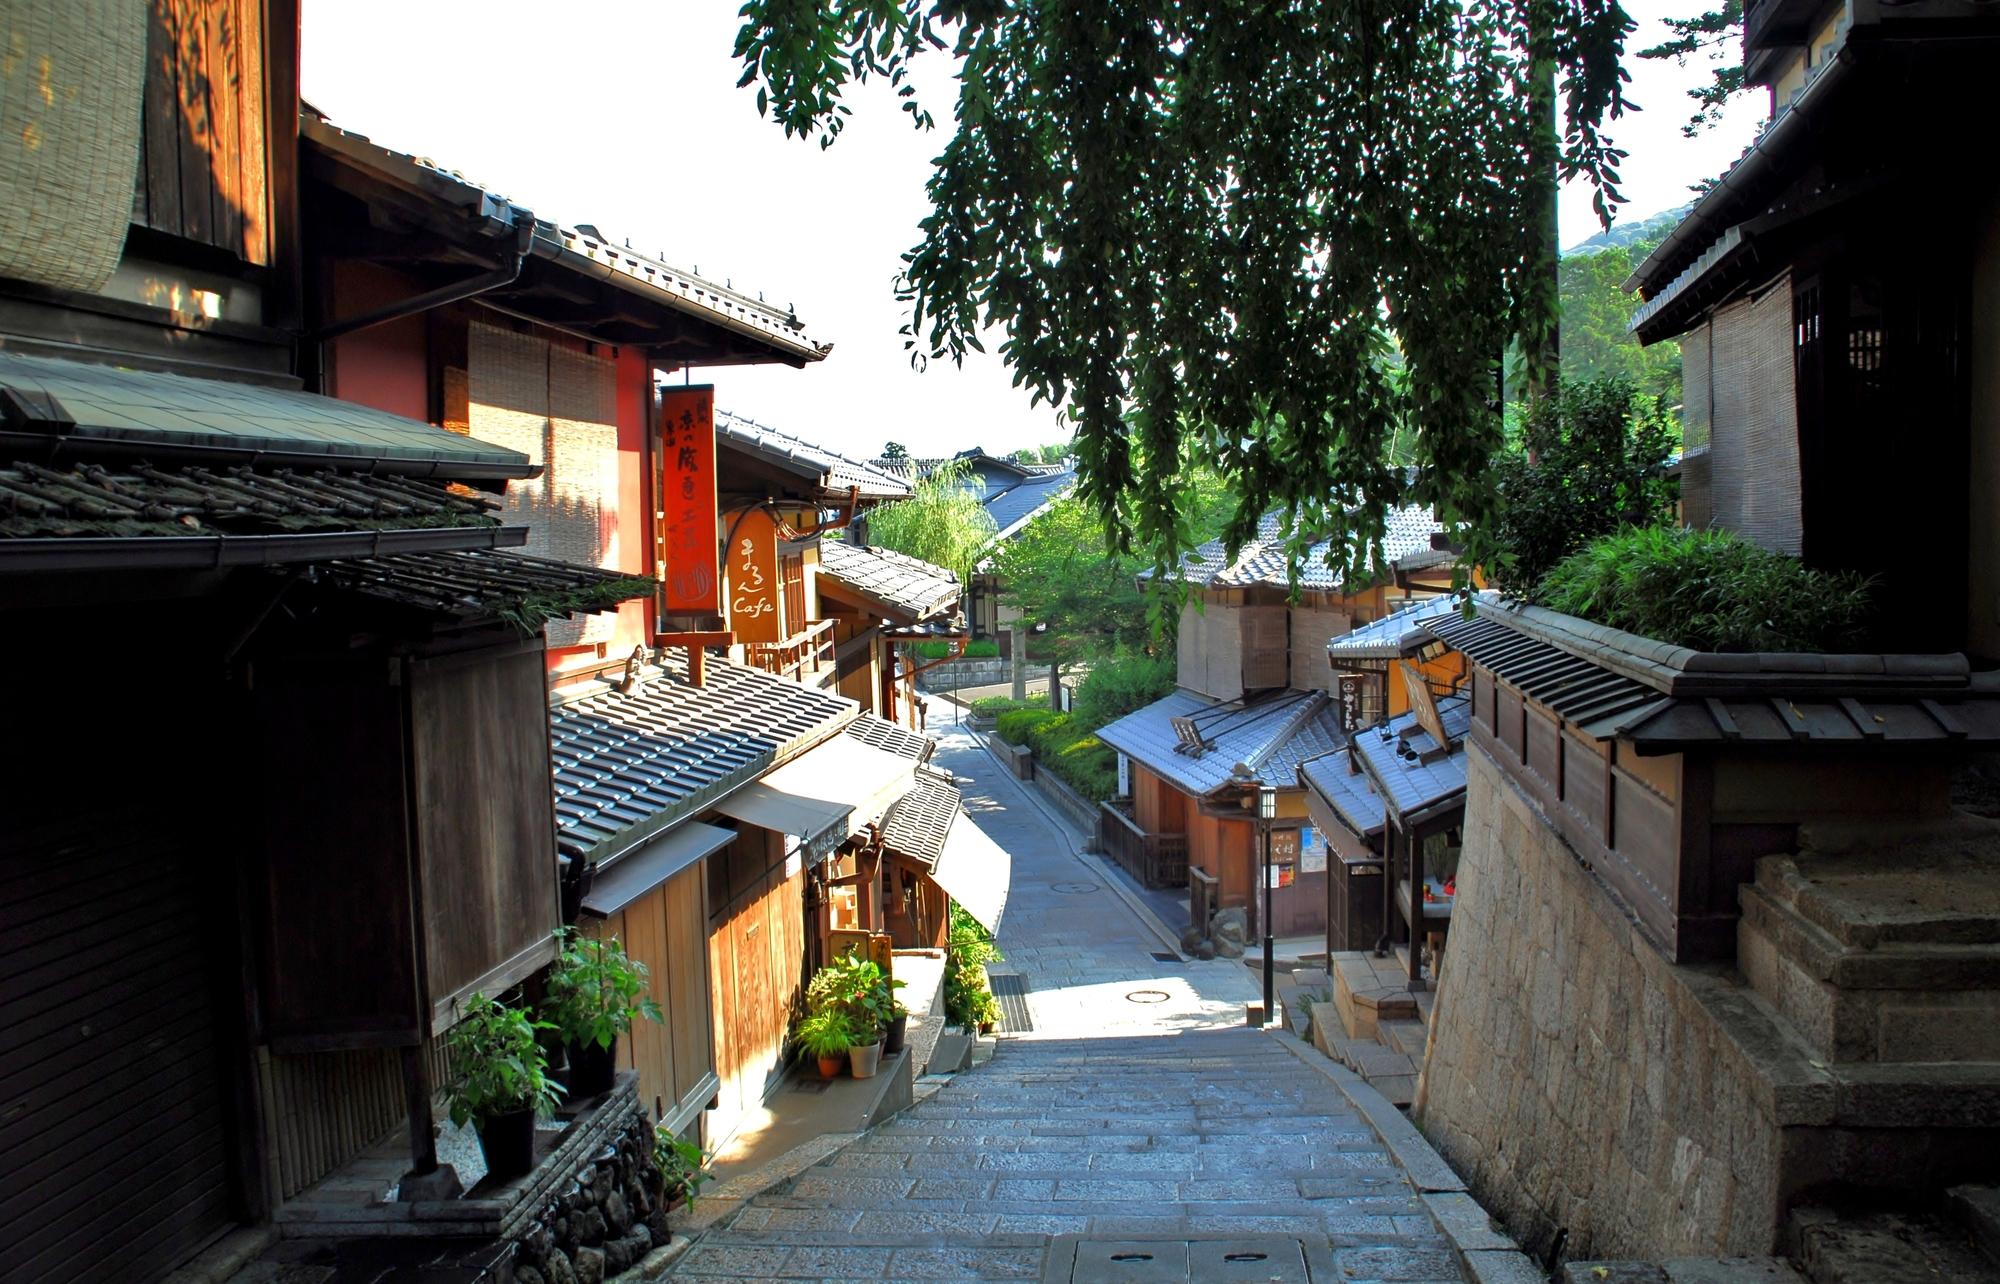 日本街道_日本团队旅游落地签吗_日本可以落地签吗